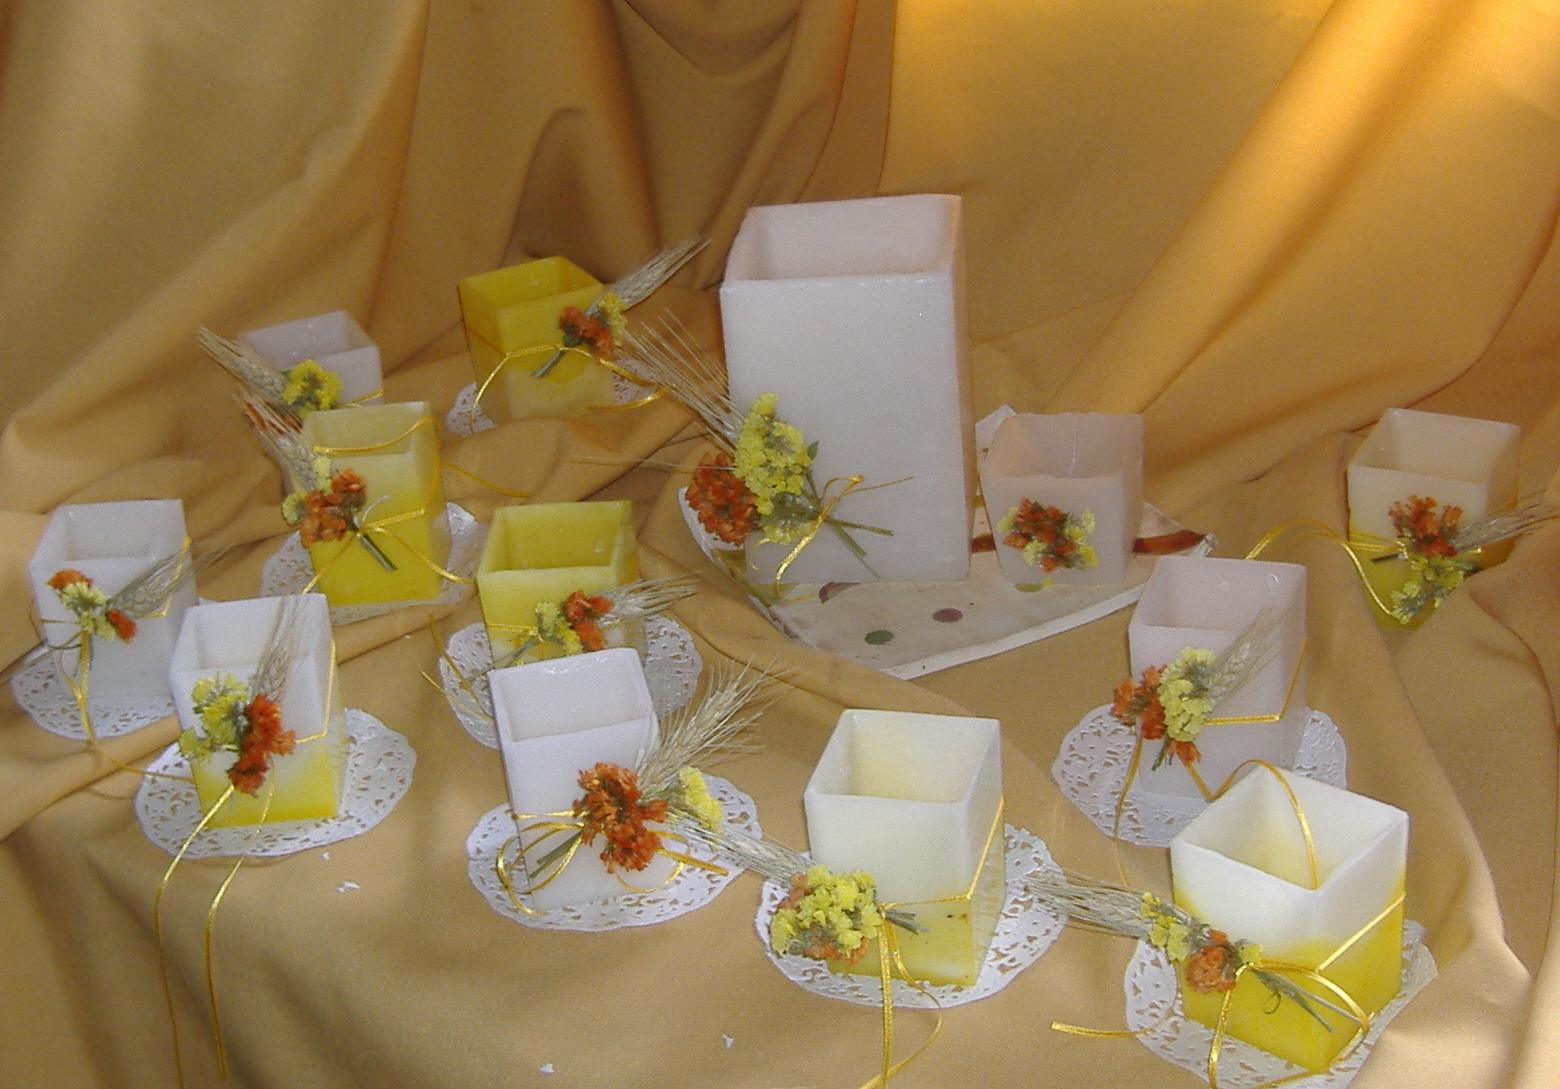 Artesan as samay centros de mesa y souvenir comuni n - Centros de mesa comunion ...